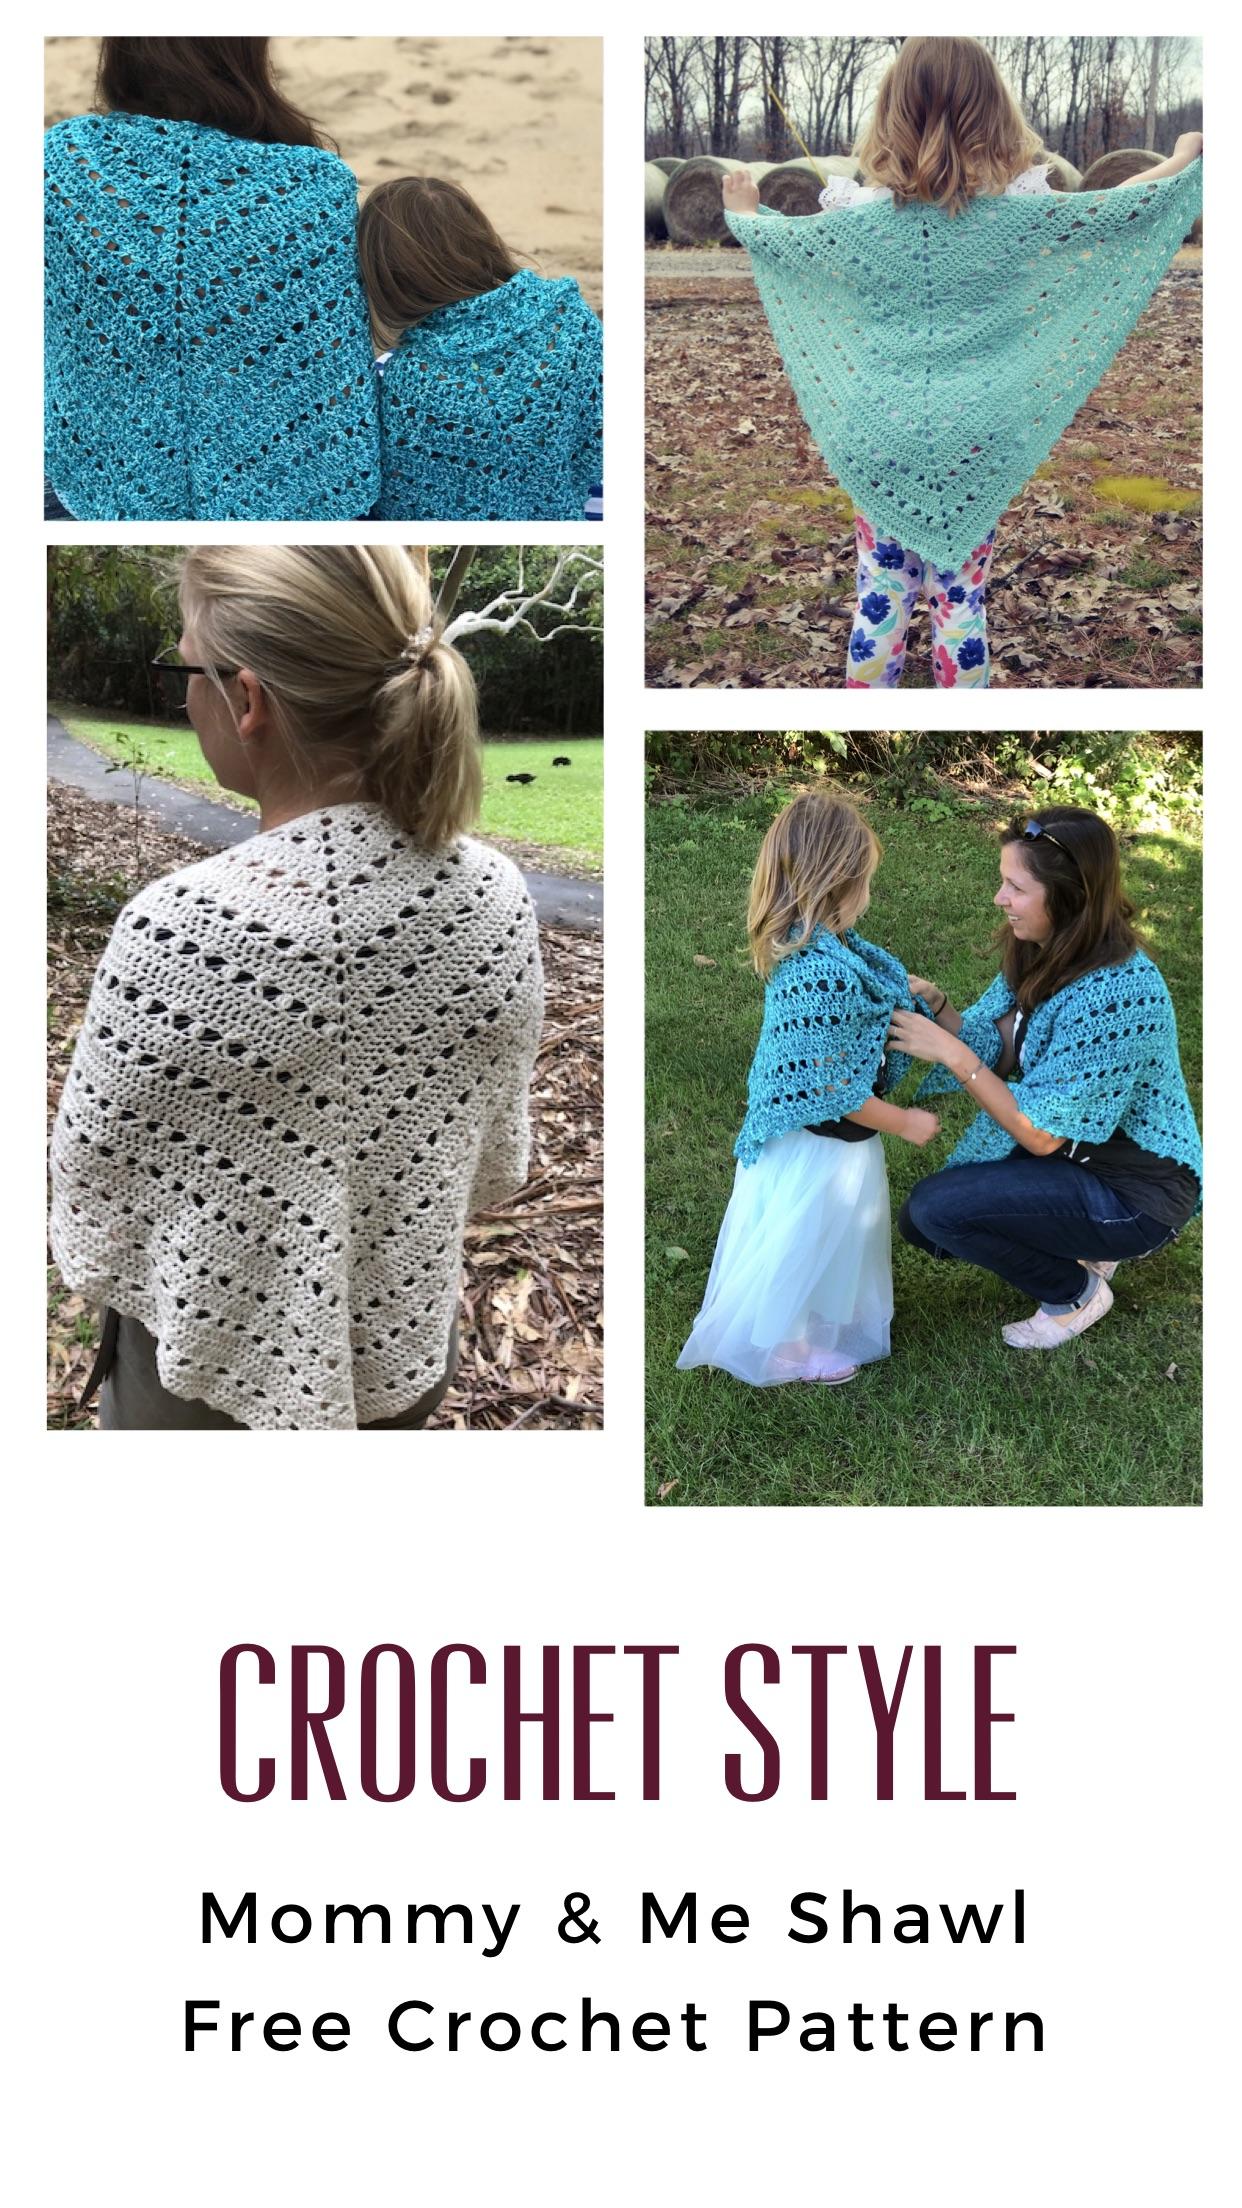 Reflections Shawl Mommy & Me Free Crochet Pattern — Stitch & Hustle